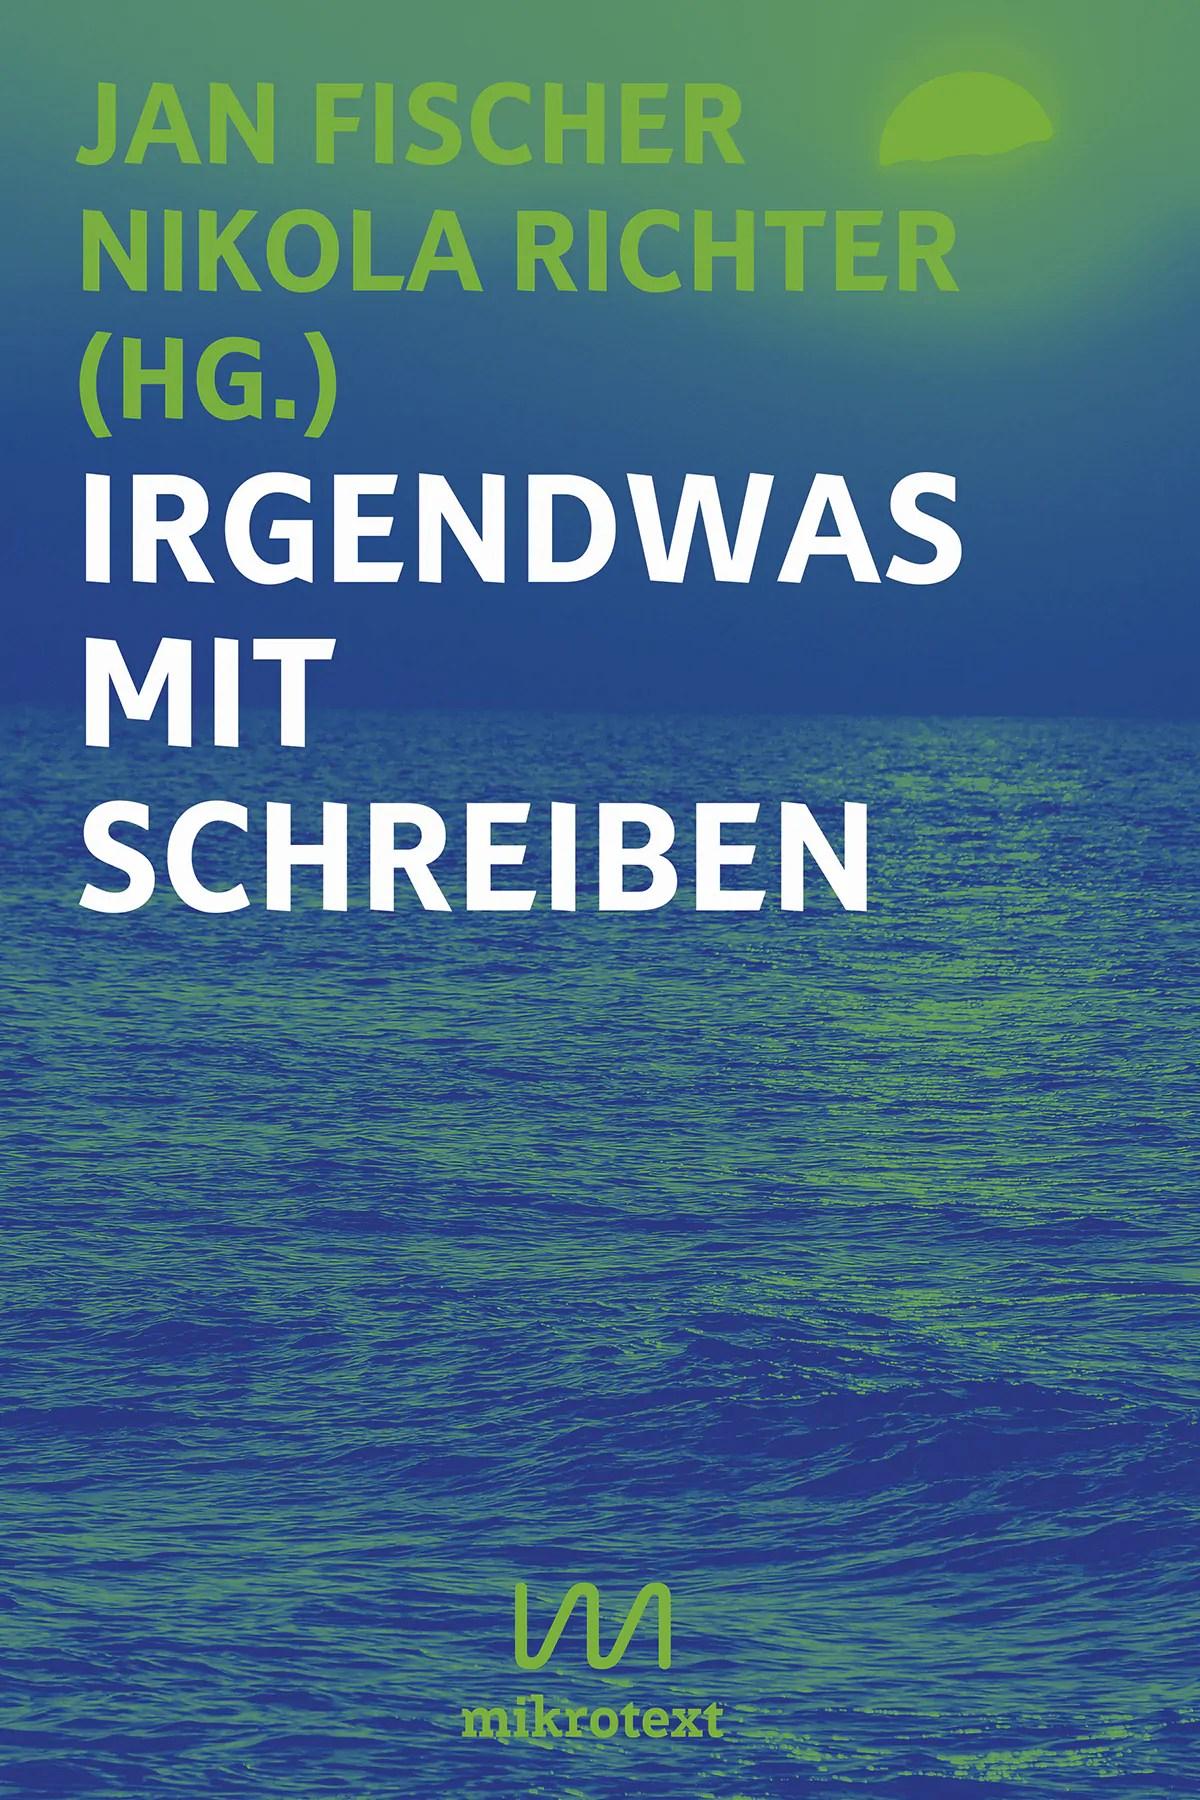 cover-fischer-richter-irgendwas-mit-schreiben_epub